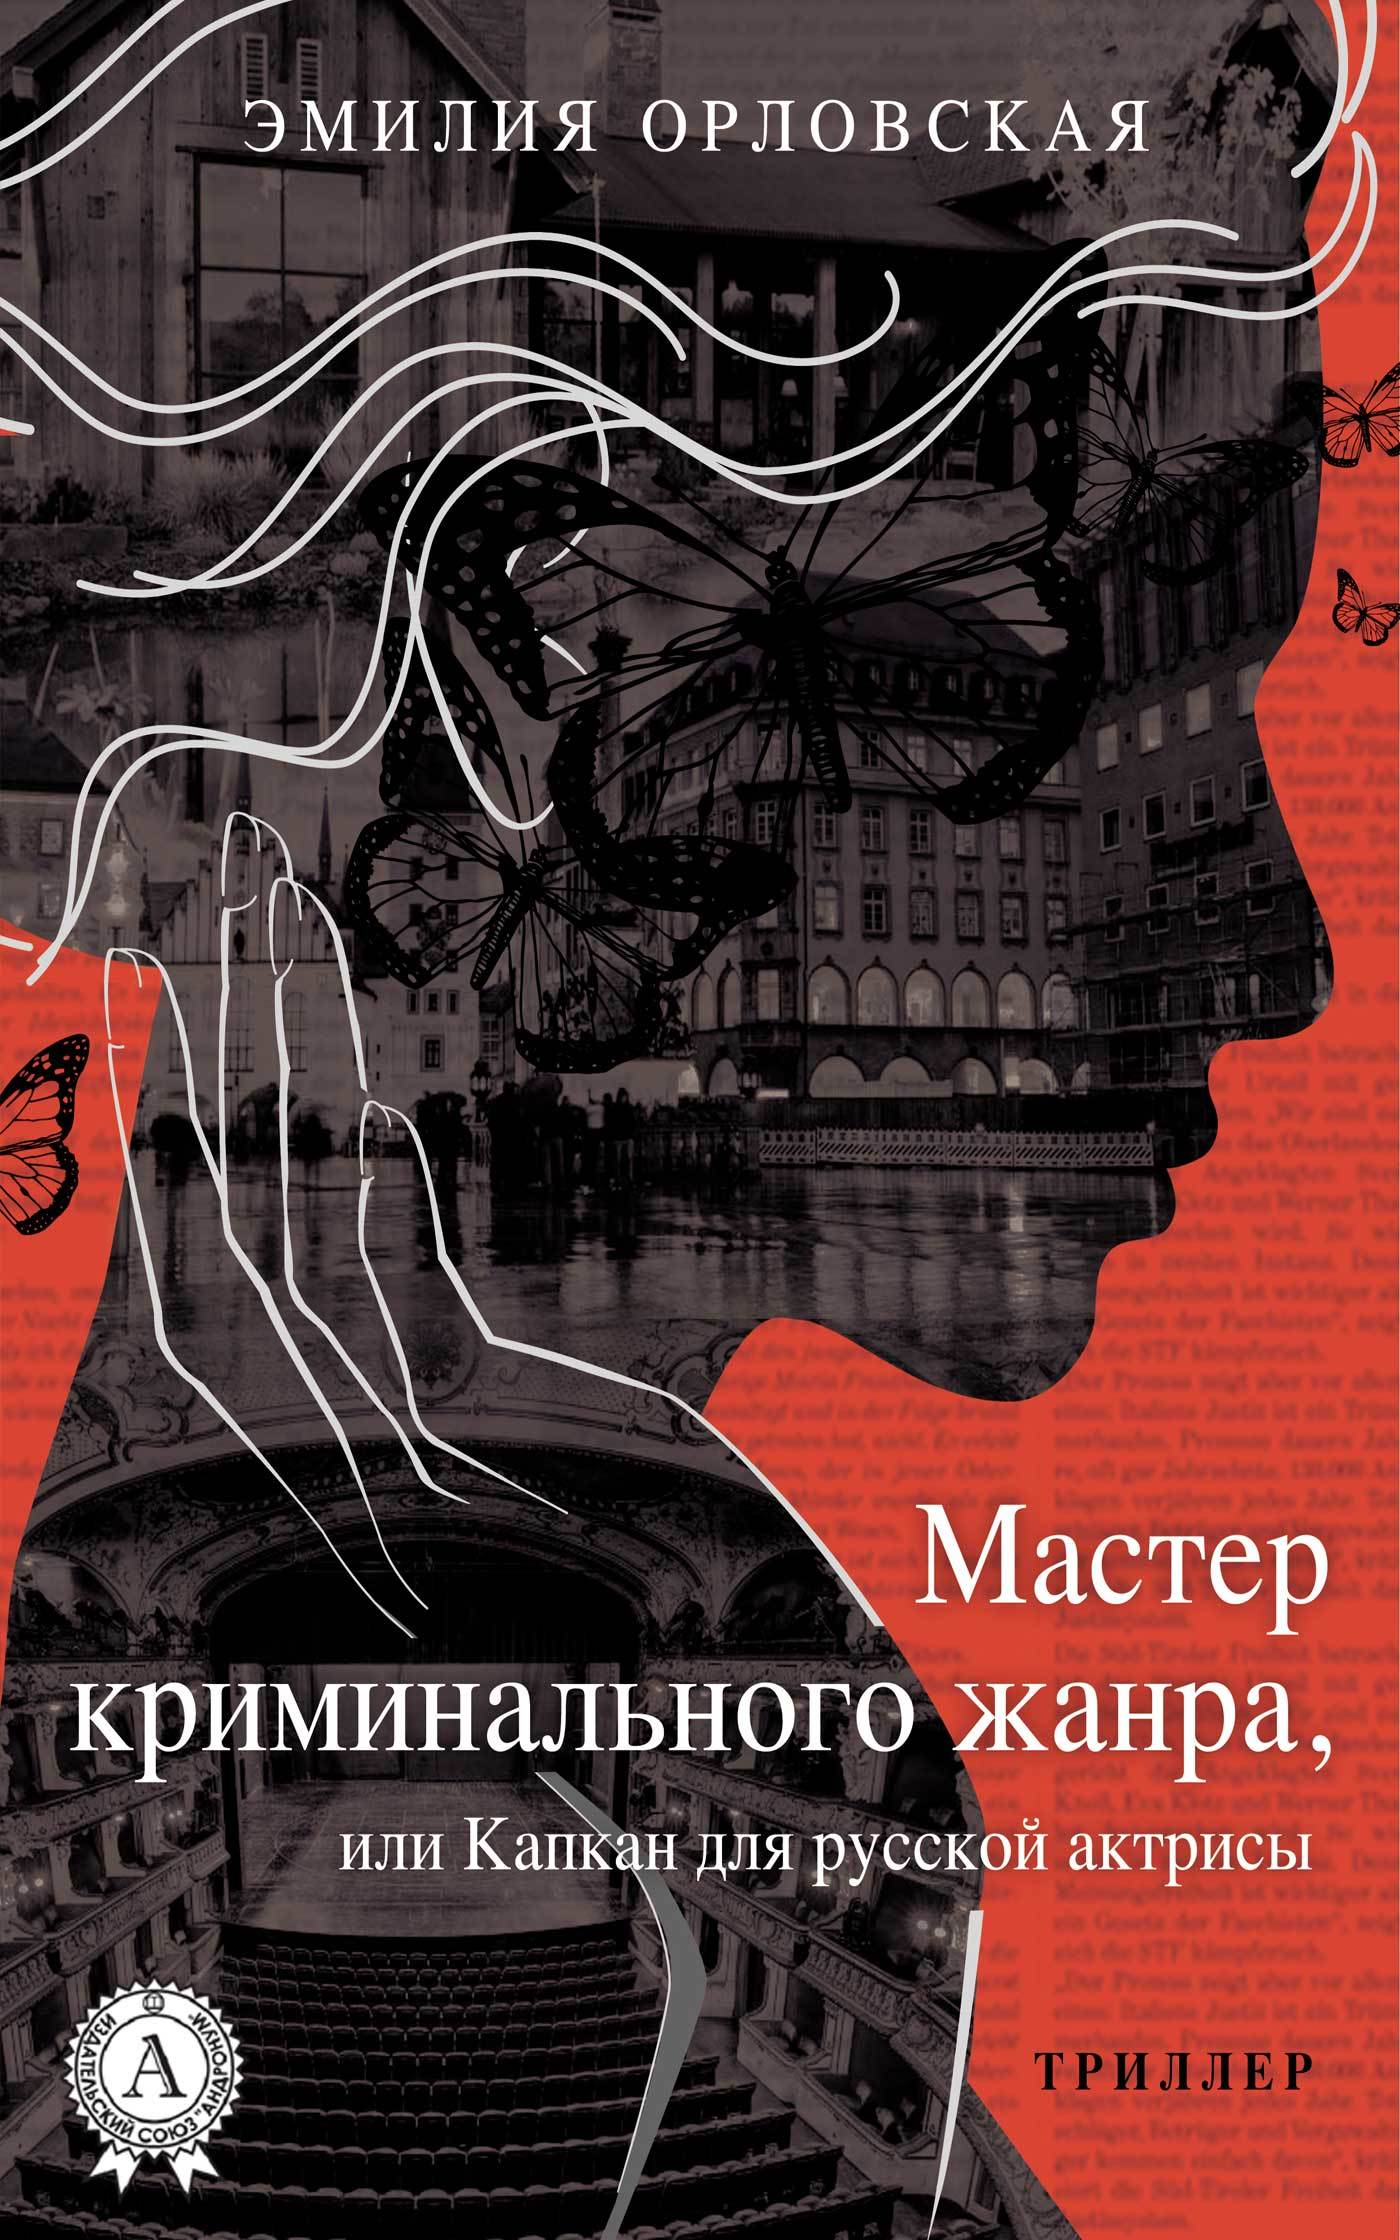 Мастер криминального жанра, или Капкан для русской актрисы